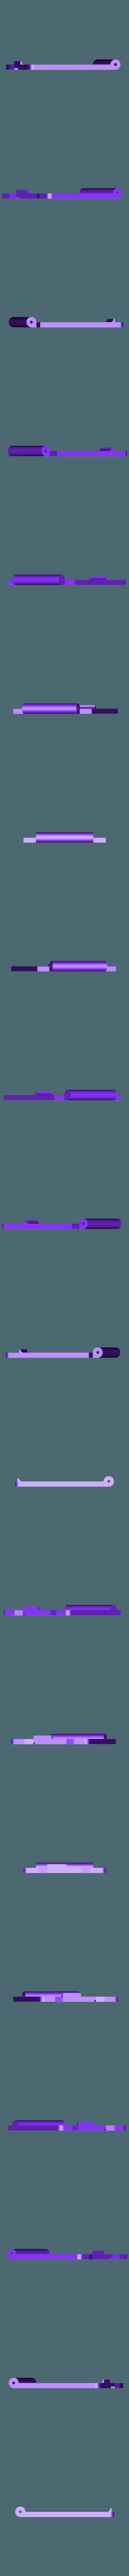 faceAv3.STL Download free STL file Tic Tac Toe • 3D printable design, seb2320